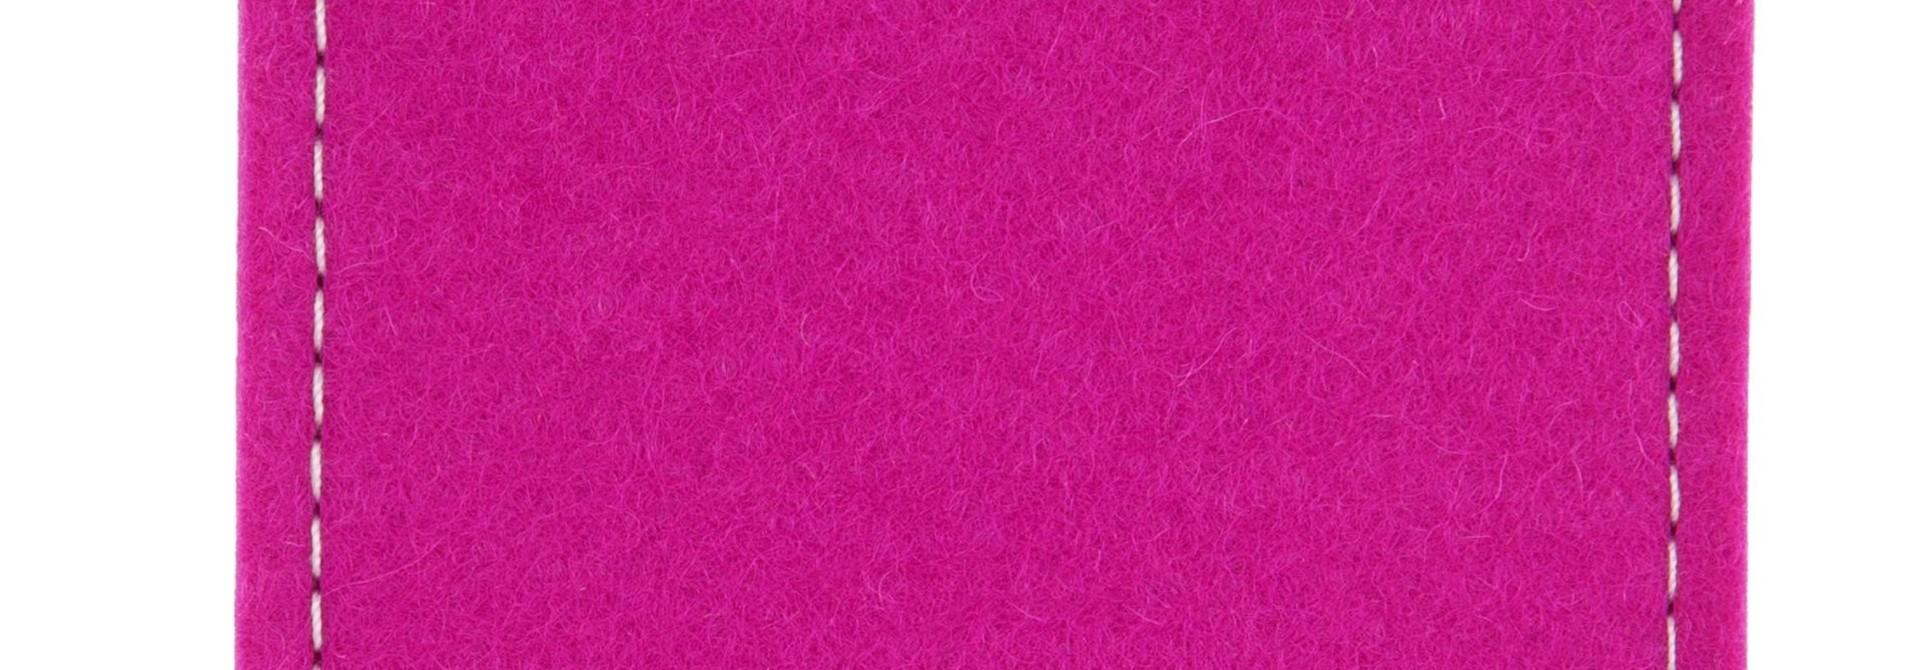 Galaxy Sleeve Pink